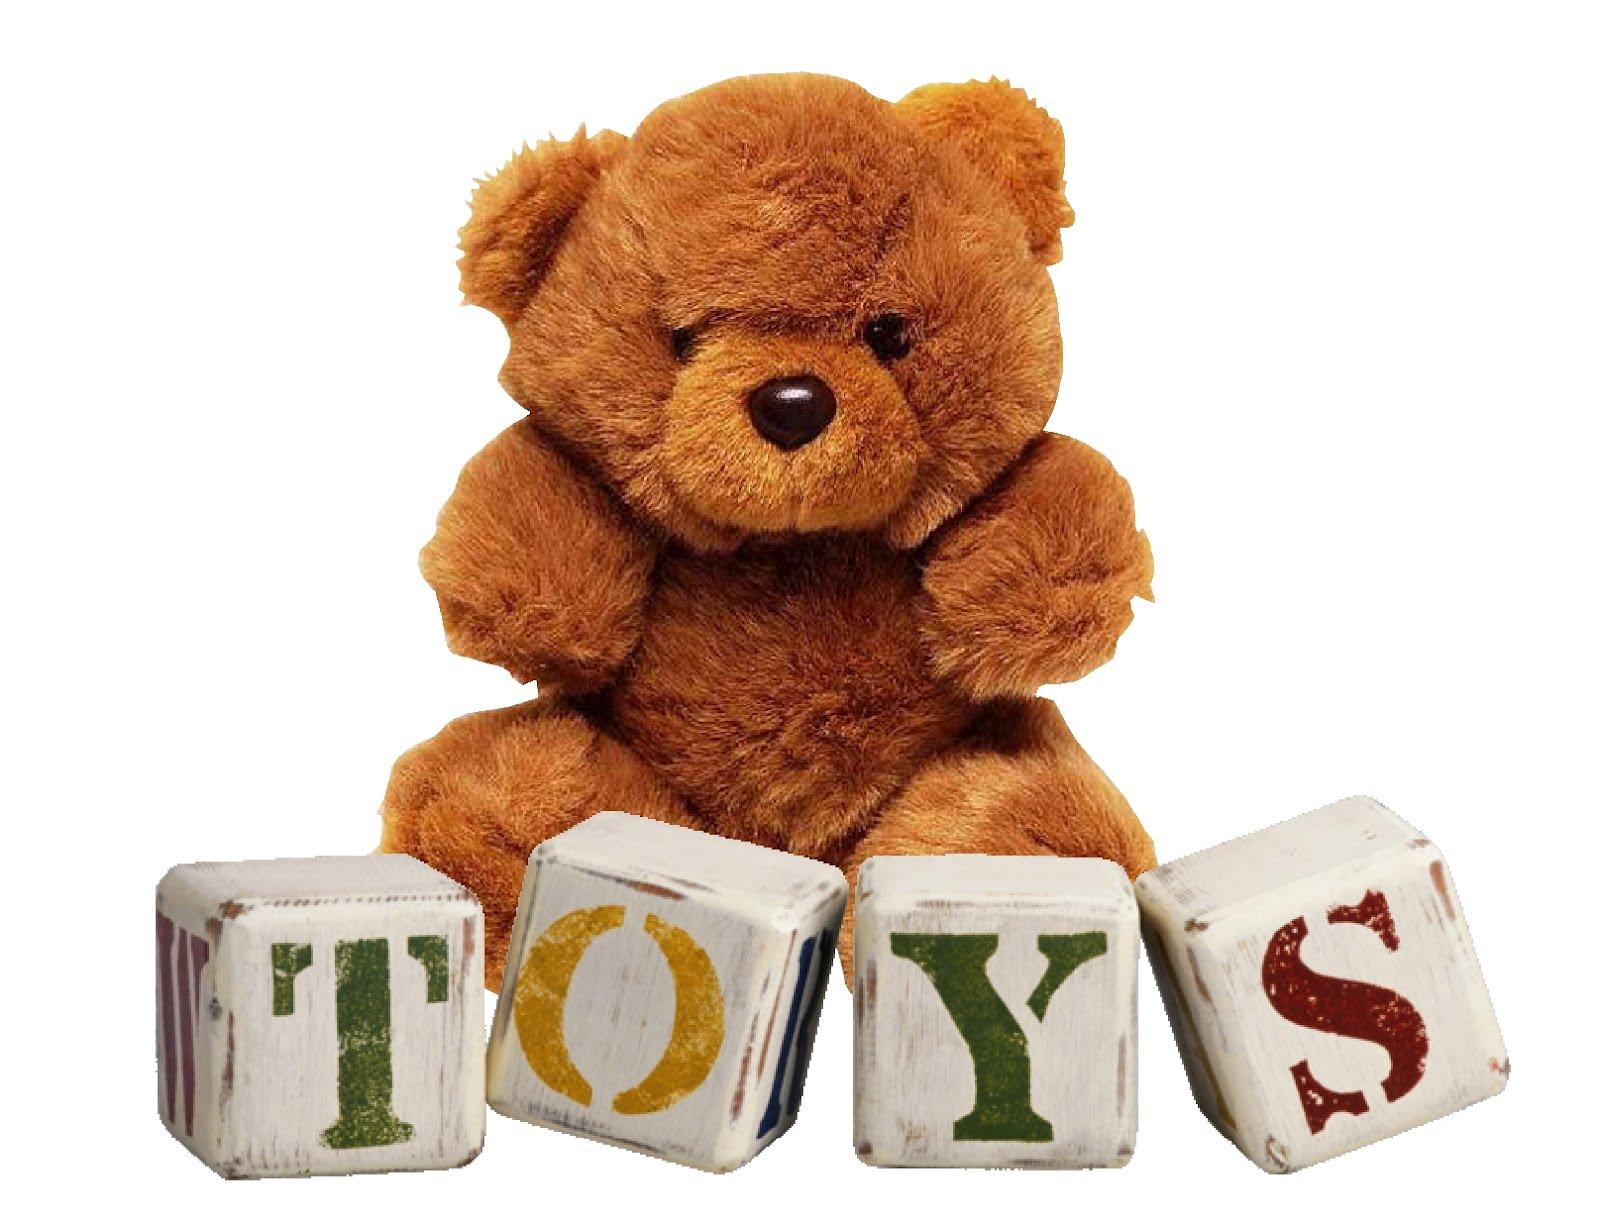 Cum sa alegem cadoul ideal pentru copilul nostru?